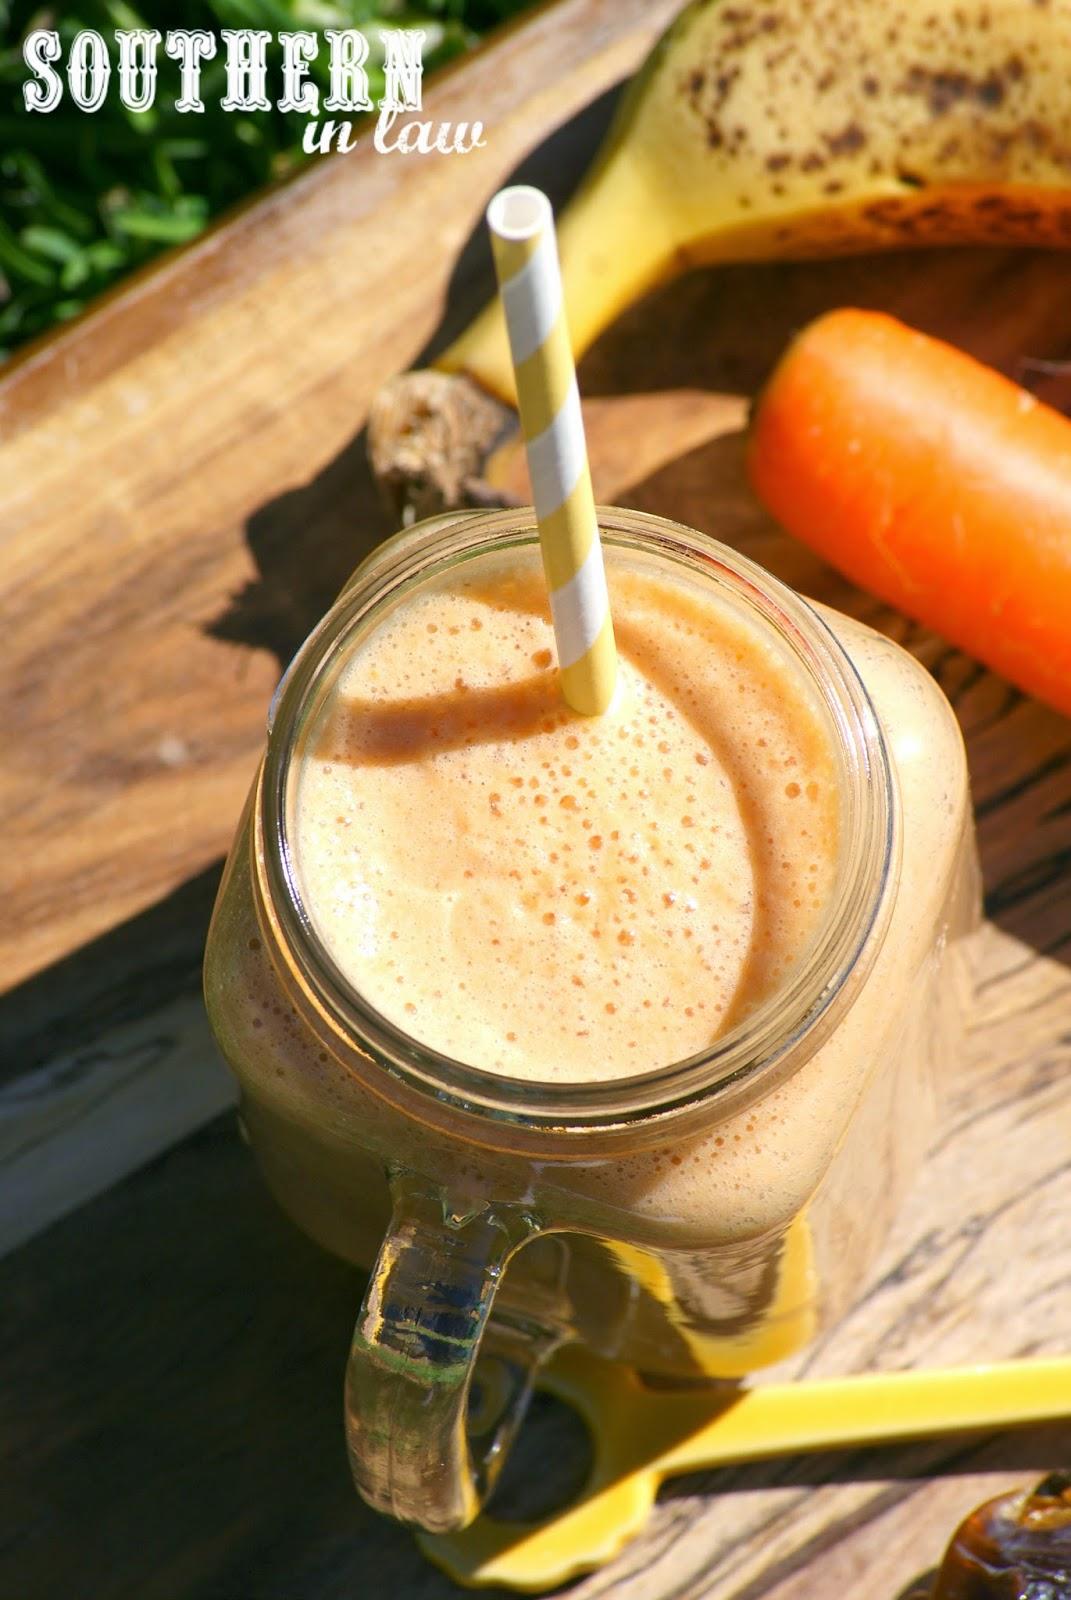 Gluten Free Carrot Cake Smoothie Recipe - low fat, gluten free, vegan, sugar free, paleo